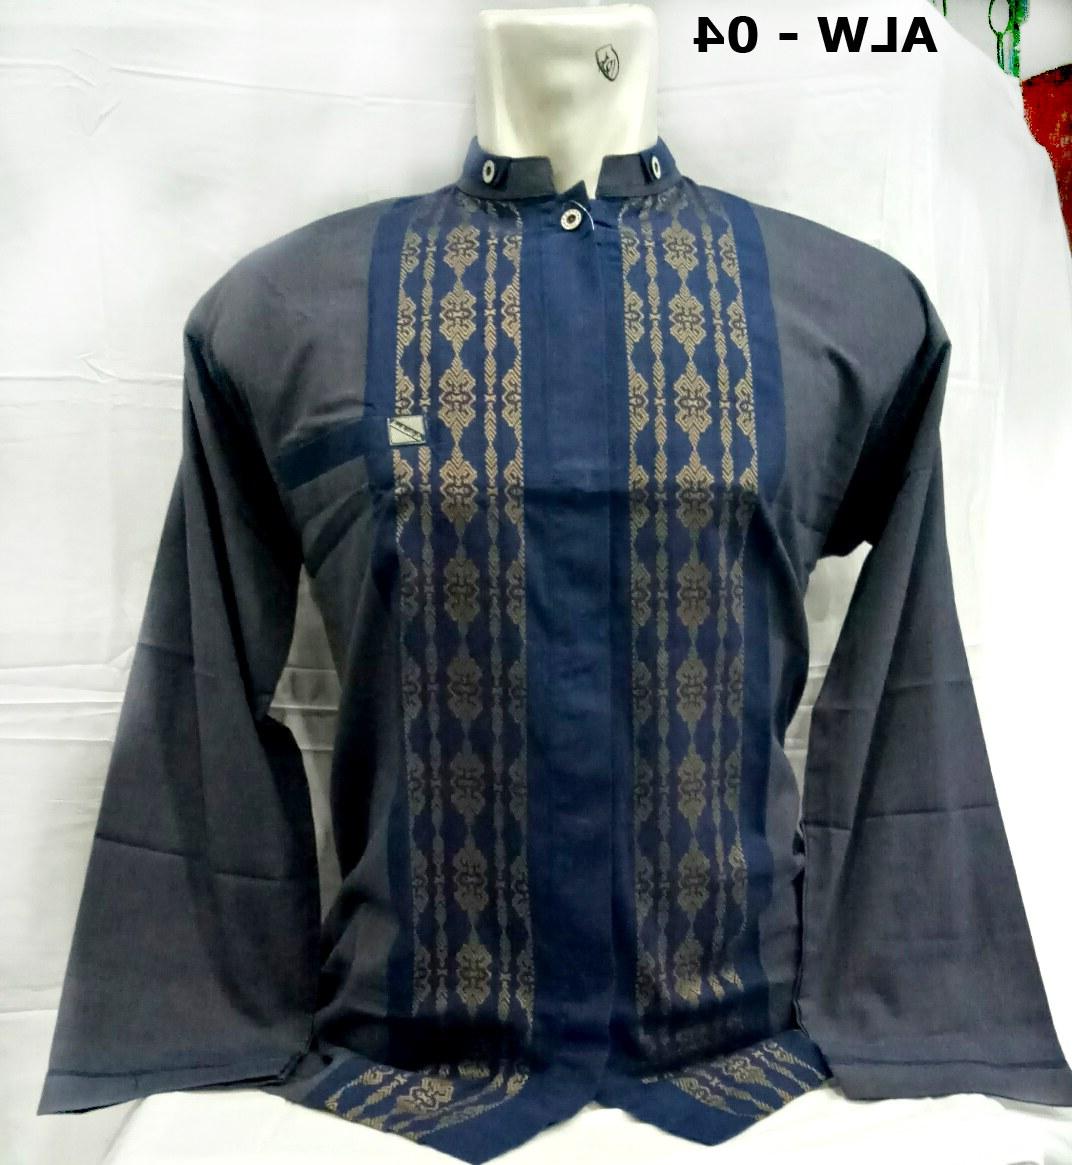 Ide Baju Lebaran Pria Keren Kvdd Gambar Baju Muslim Pria Baju Koko Lengan Panjang Model